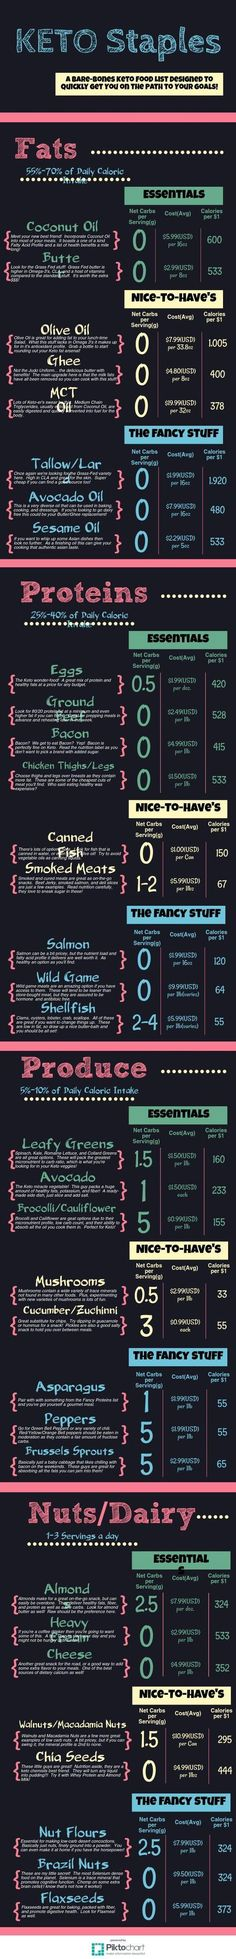 Keto Diet Shopping List   Piktochart Infographic Editor